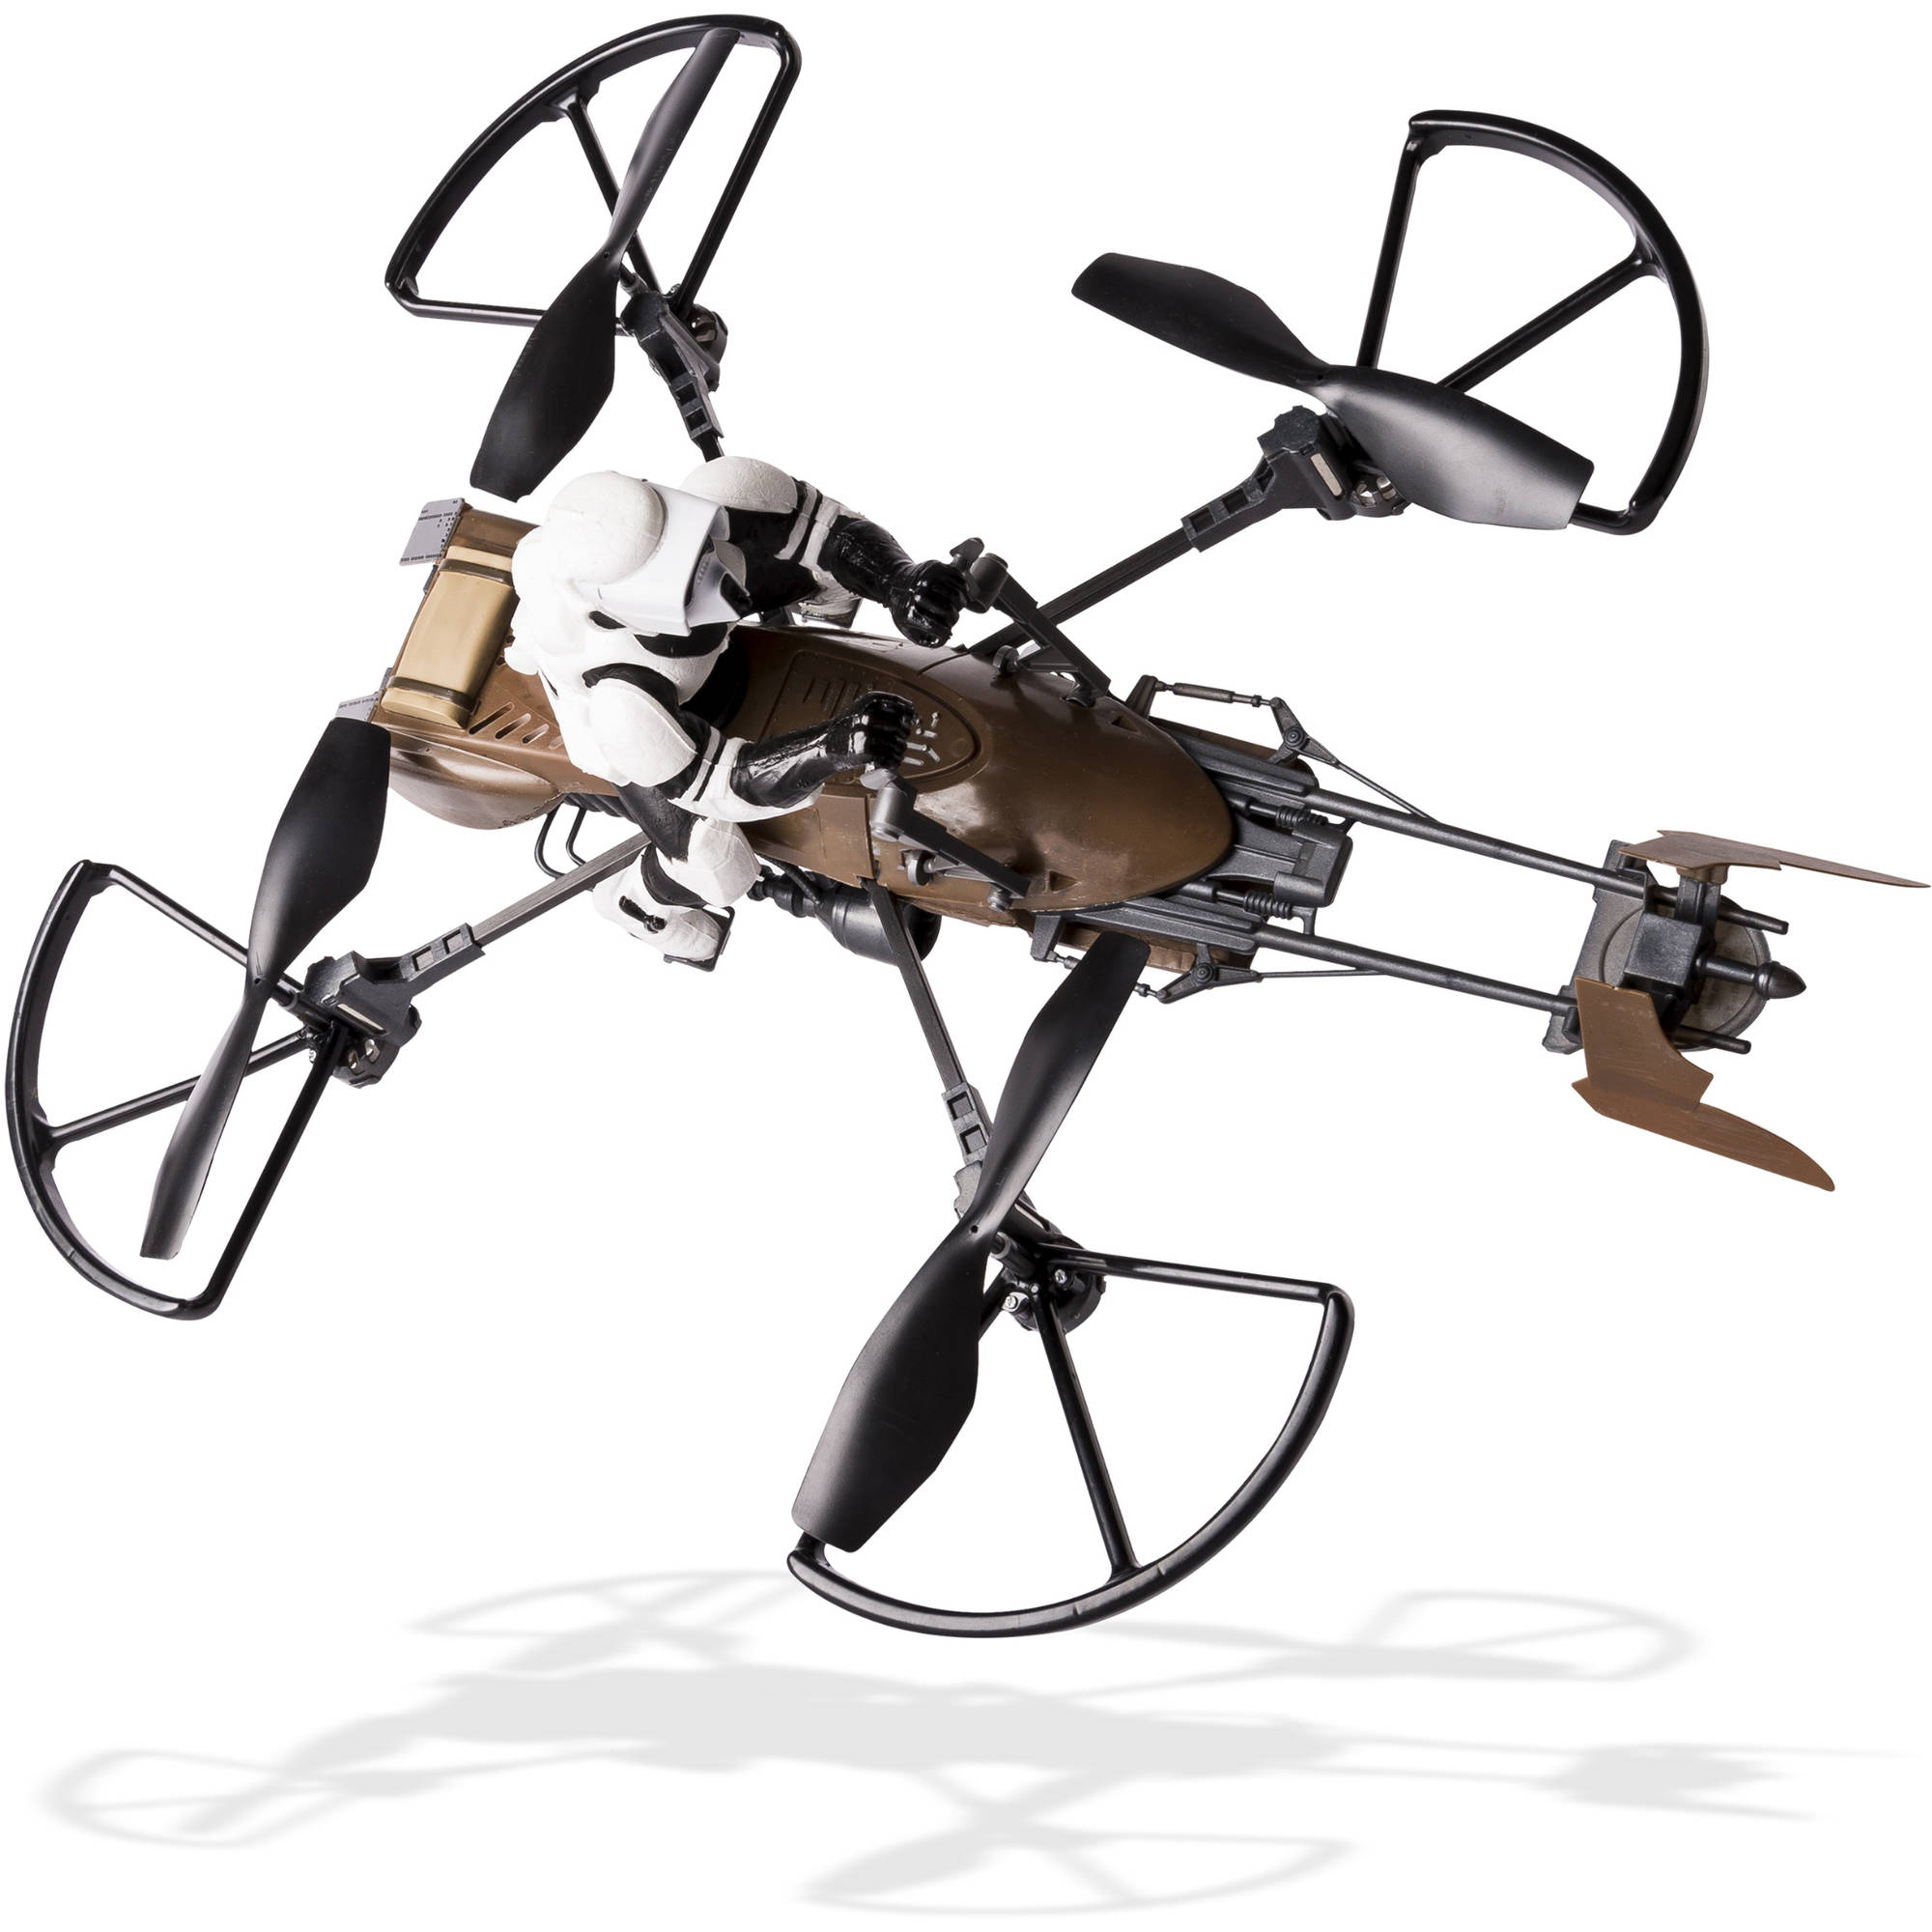 Commander formation pilote drone civil et avis batterie drone parrot qui clignote